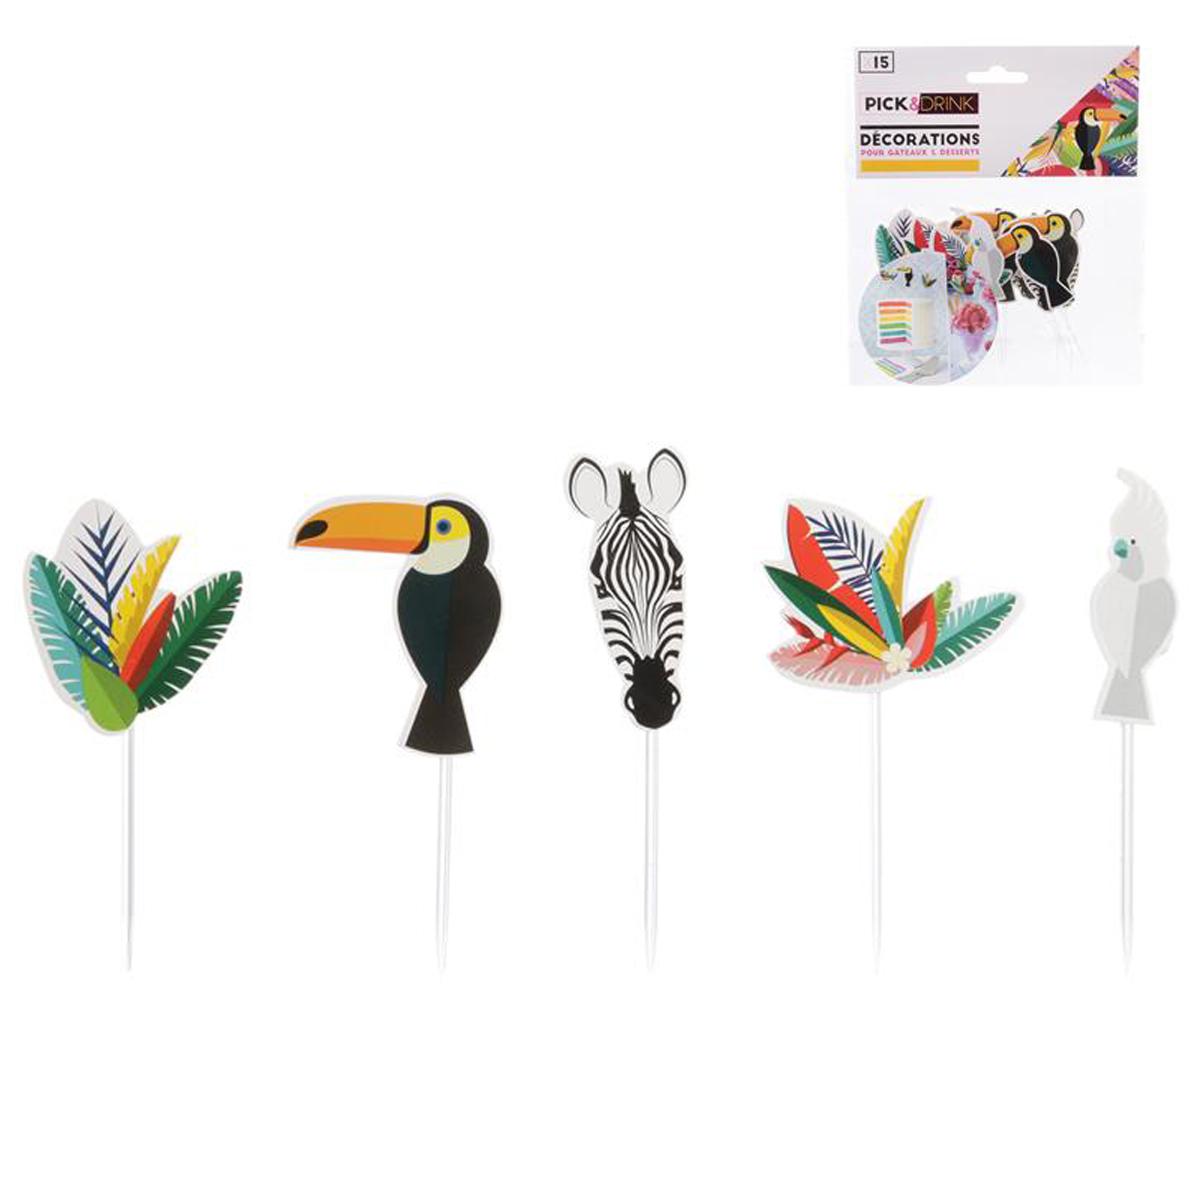 Décoration de gateau \'Tropical\' (toucan, cacatoès, zèbre) - 8 cm (15 pièces) - [Q7794]